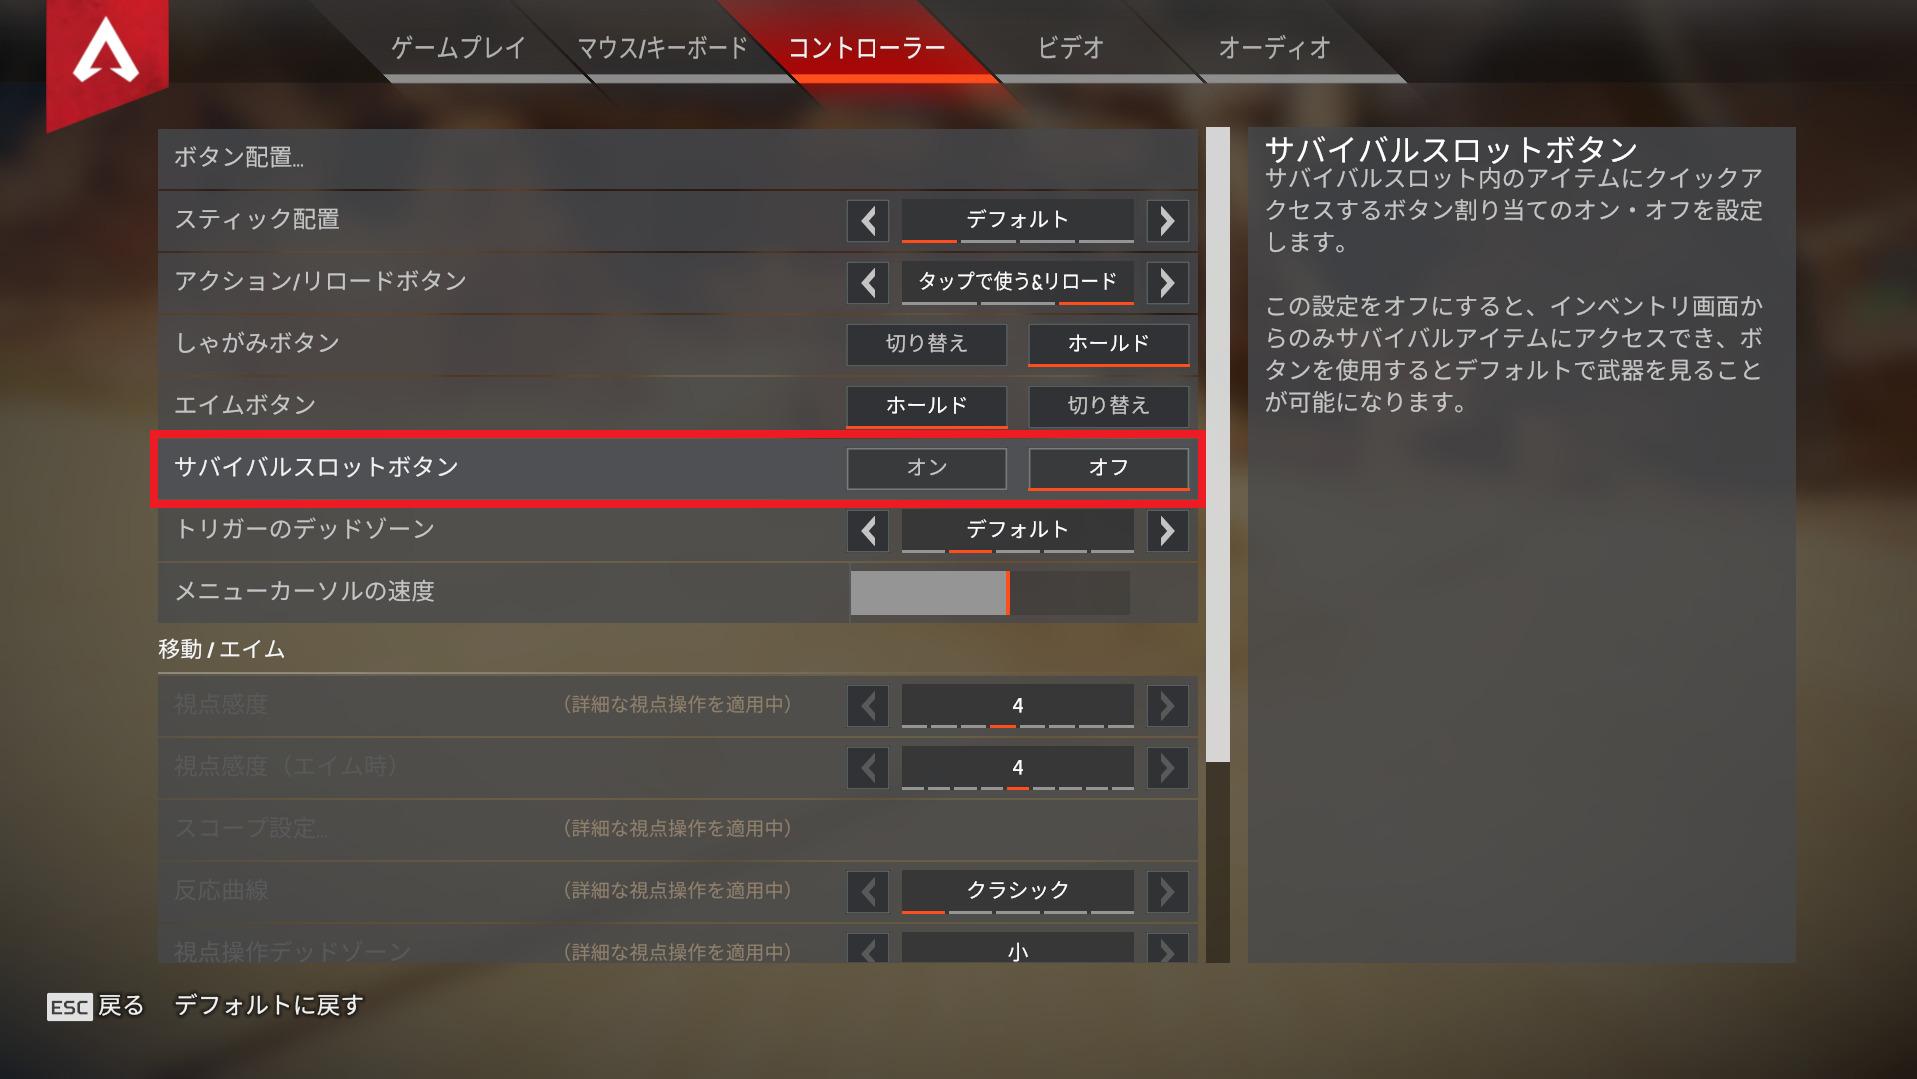 【Apex Legends】マスティフを腰撃ちせずにリロードキャンセルする方法【小技】【エーペックスレジェンズ】